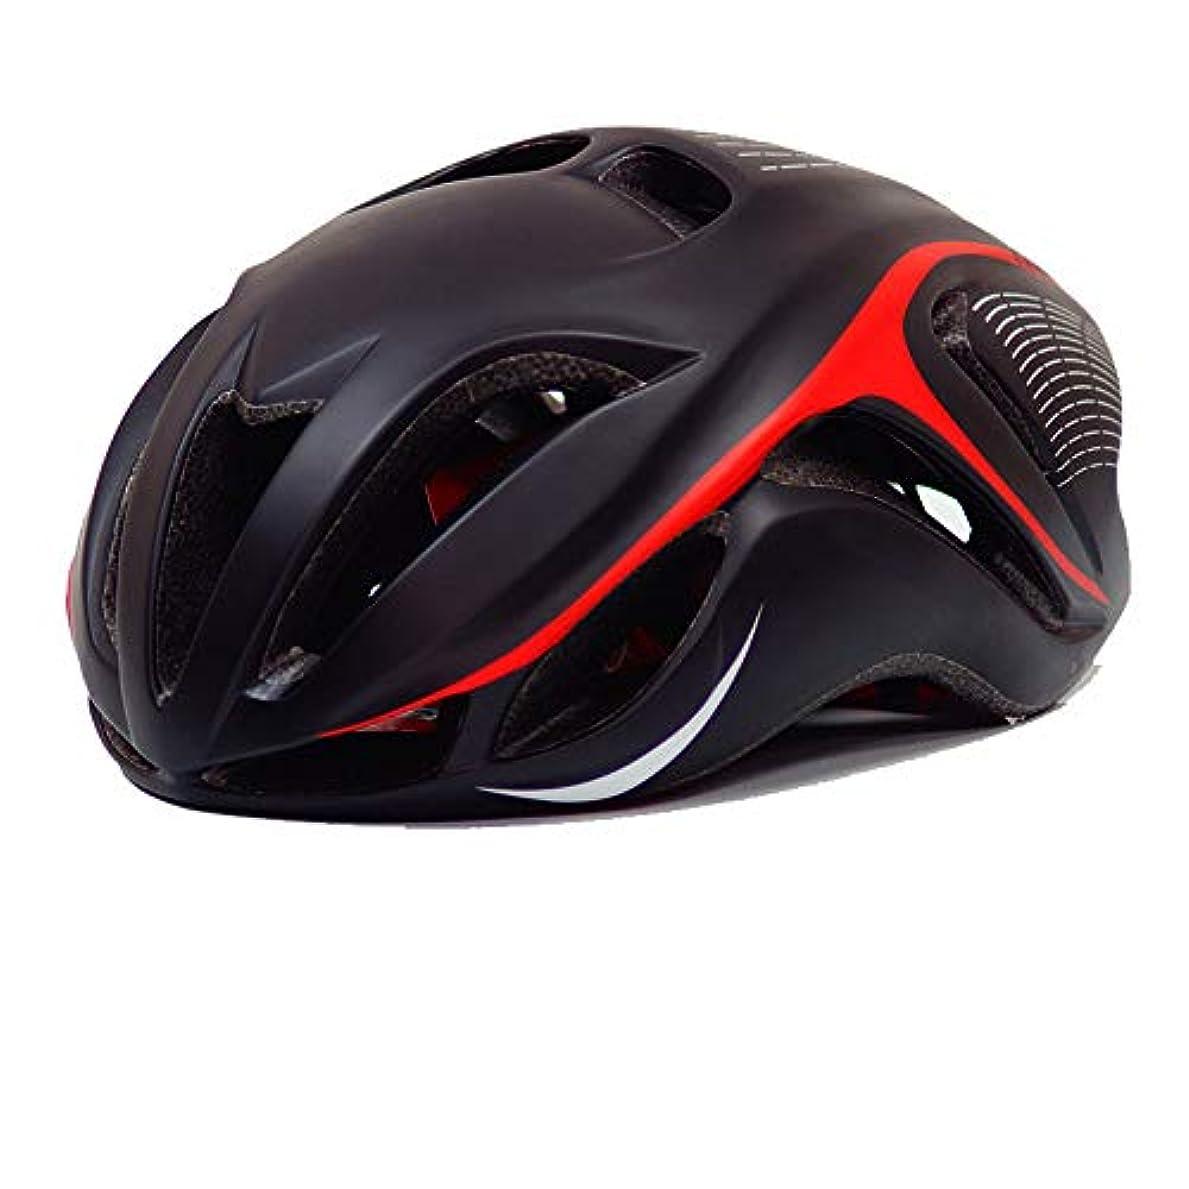 疾患勇気のある委任する大人の安全ヘルメット調節可能なロードサイクリングマウンテンバイクヘルメット 自転車アクセサリ (色 : ブラック+レッド)